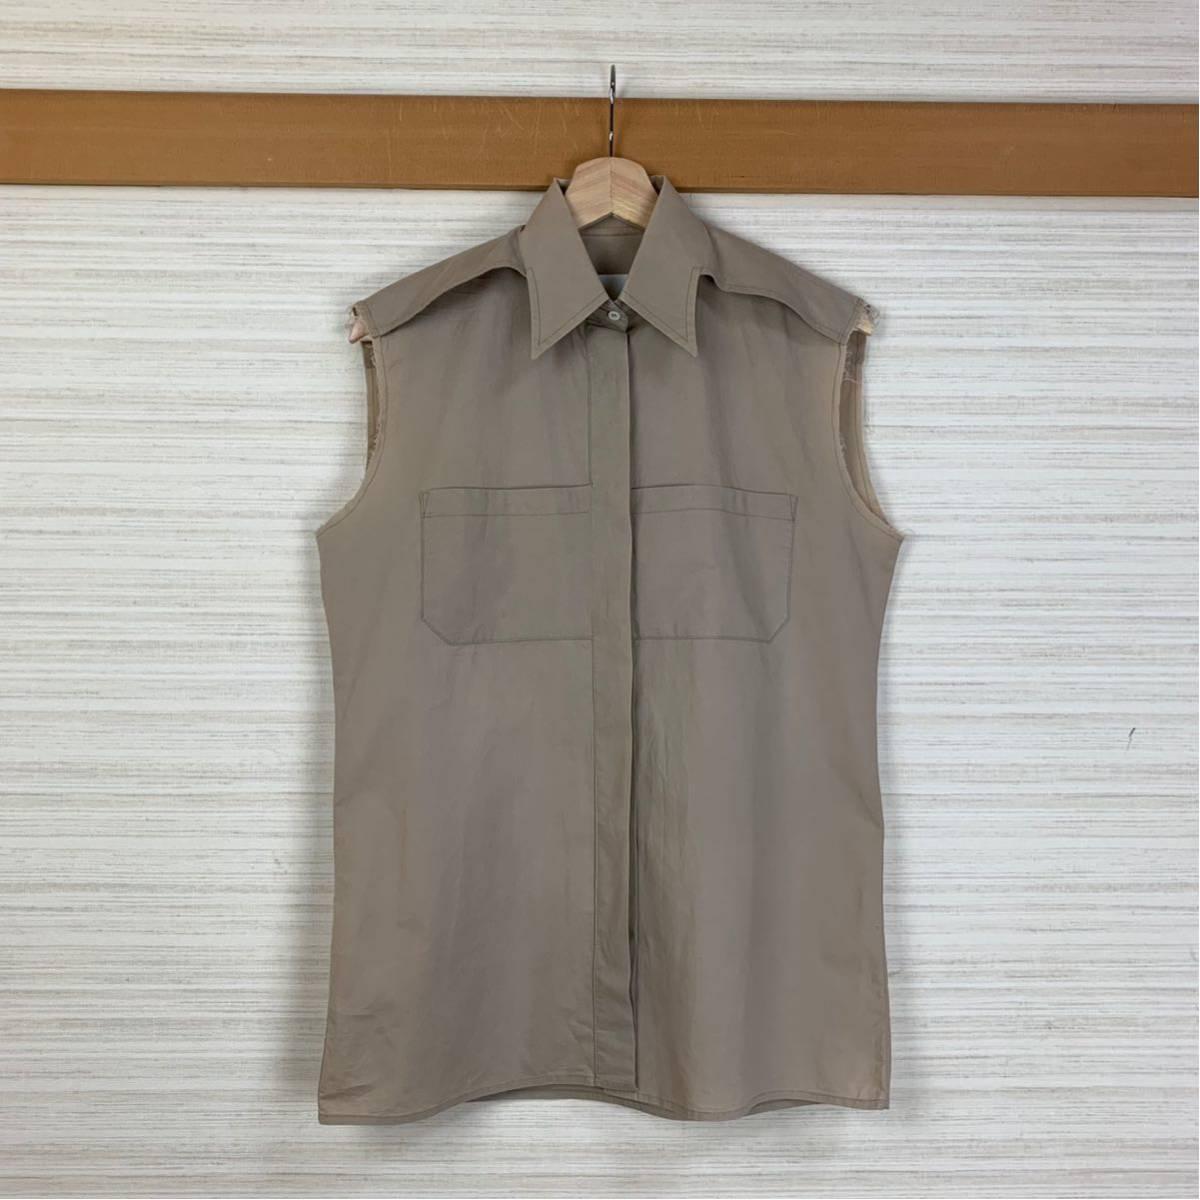 Martin Margiela 初期 変形カットオフシャツ 白タグ 2003SS アーティザナル Maison メゾンマルタンマルジェラ 1円スタート レディース